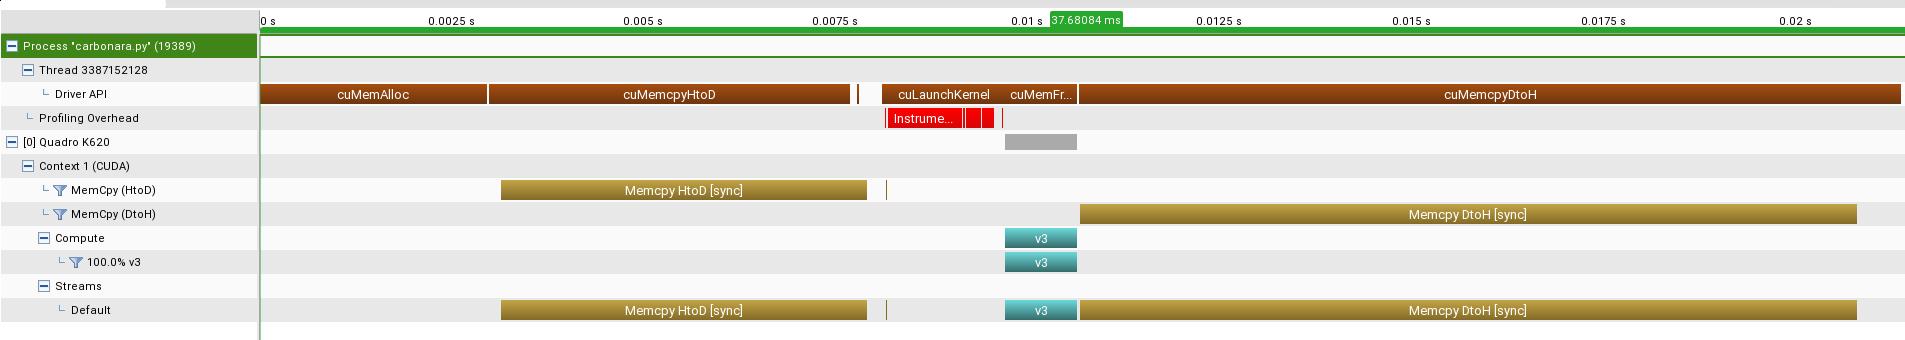 Profiler timeline for v3 kernel, blue shade is the real kernel execution